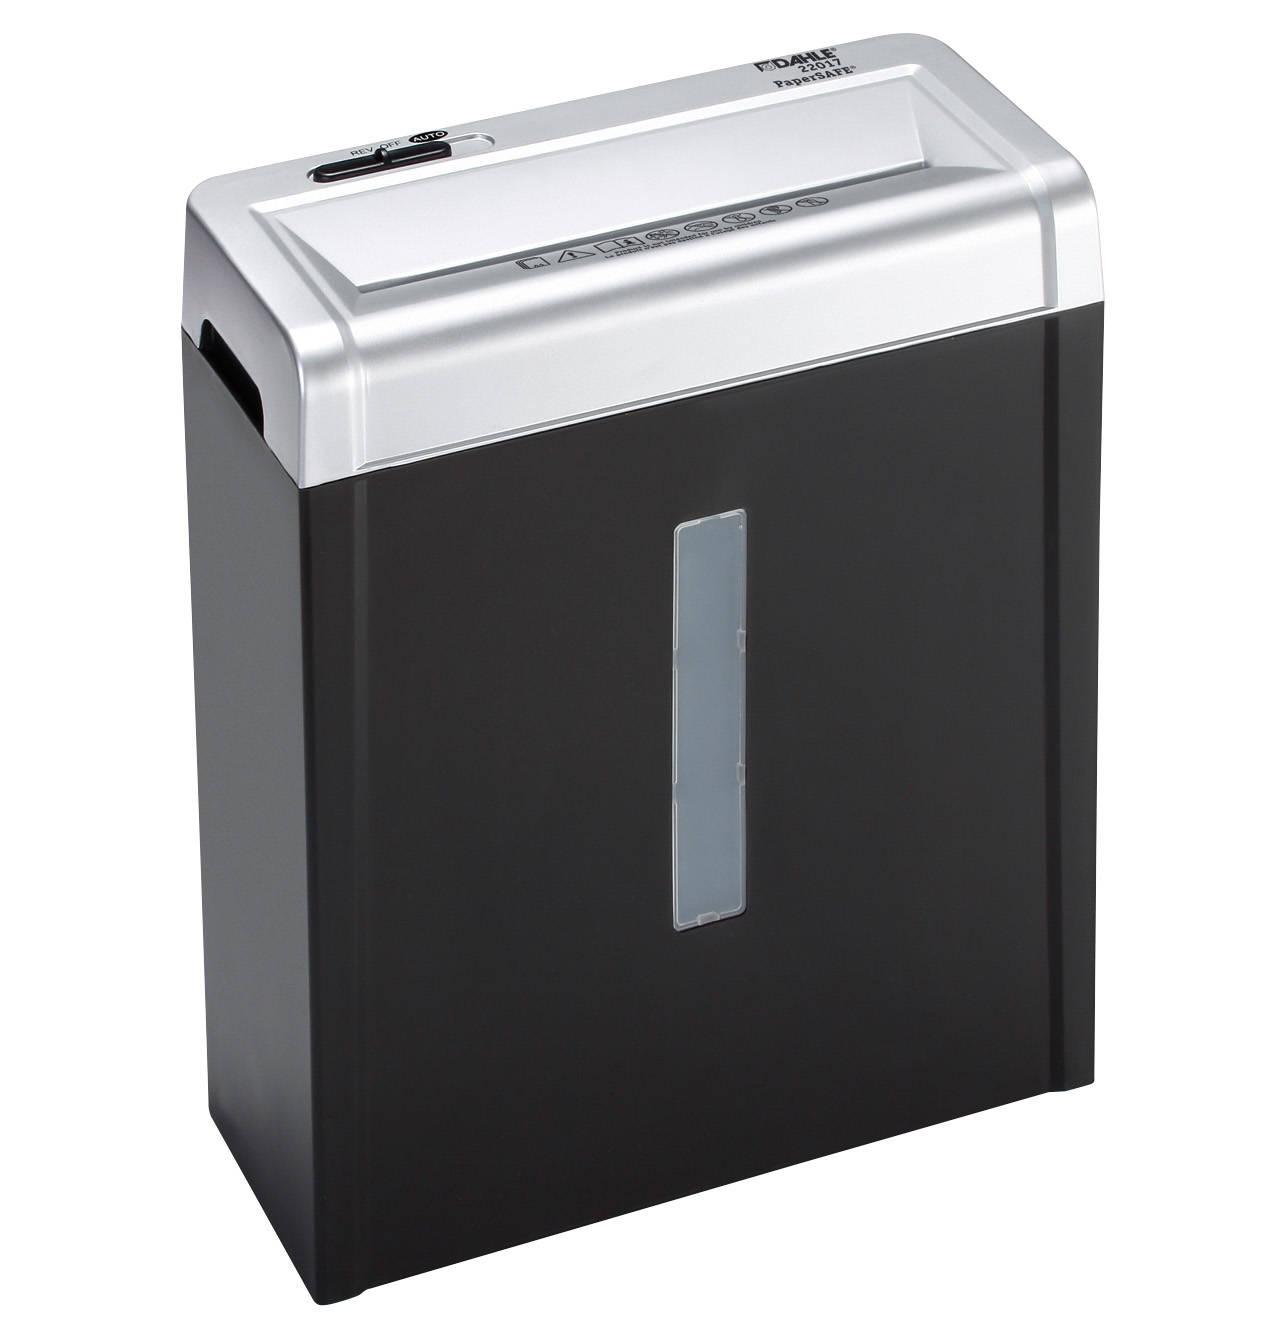 Shredders Dahle Buy A Wide Range Of Dahle Paper Shredders At Best